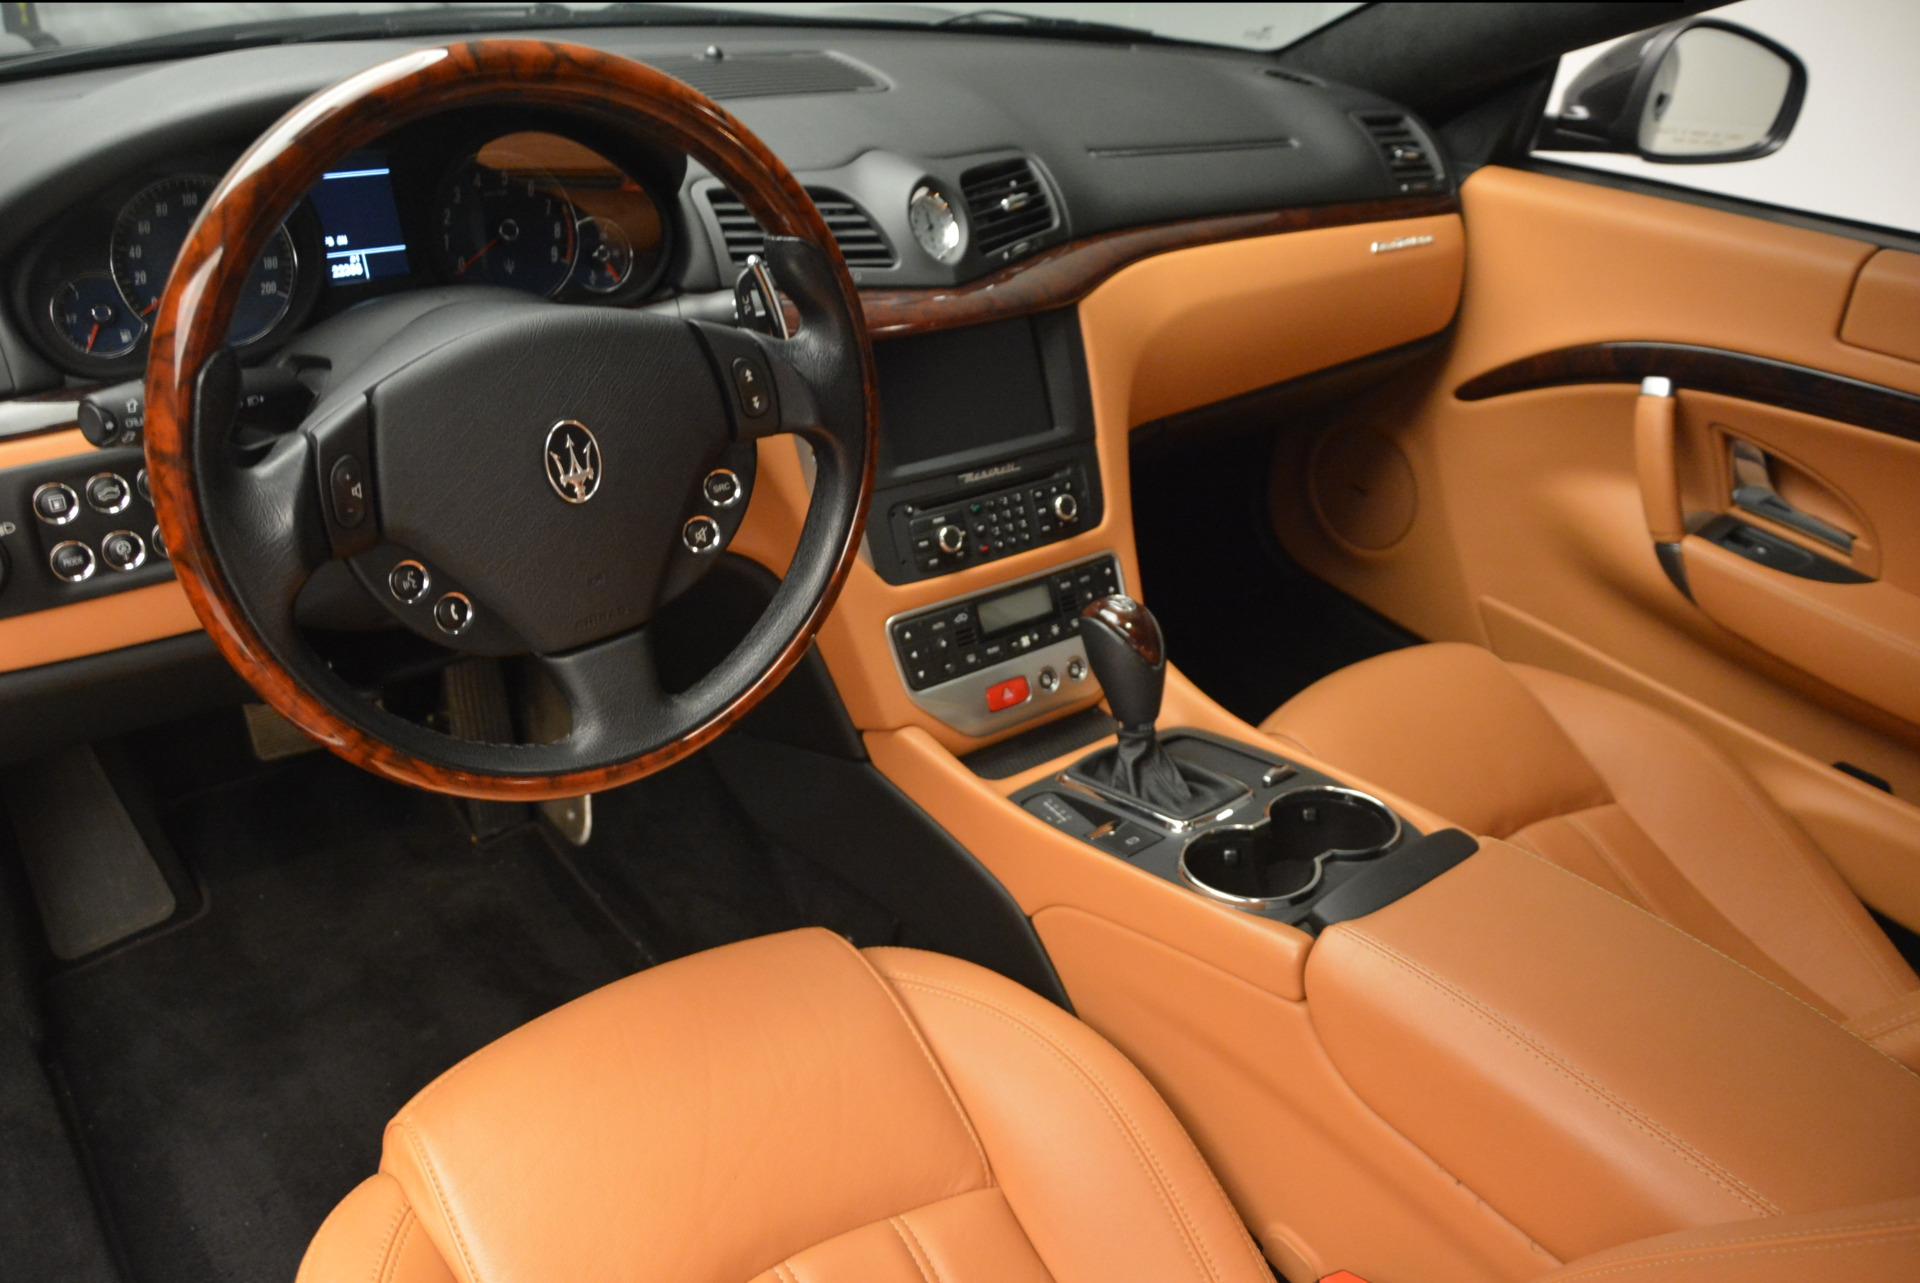 Used 2011 Maserati GranTurismo  For Sale In Greenwich, CT. Alfa Romeo of Greenwich, 7128 816_p13